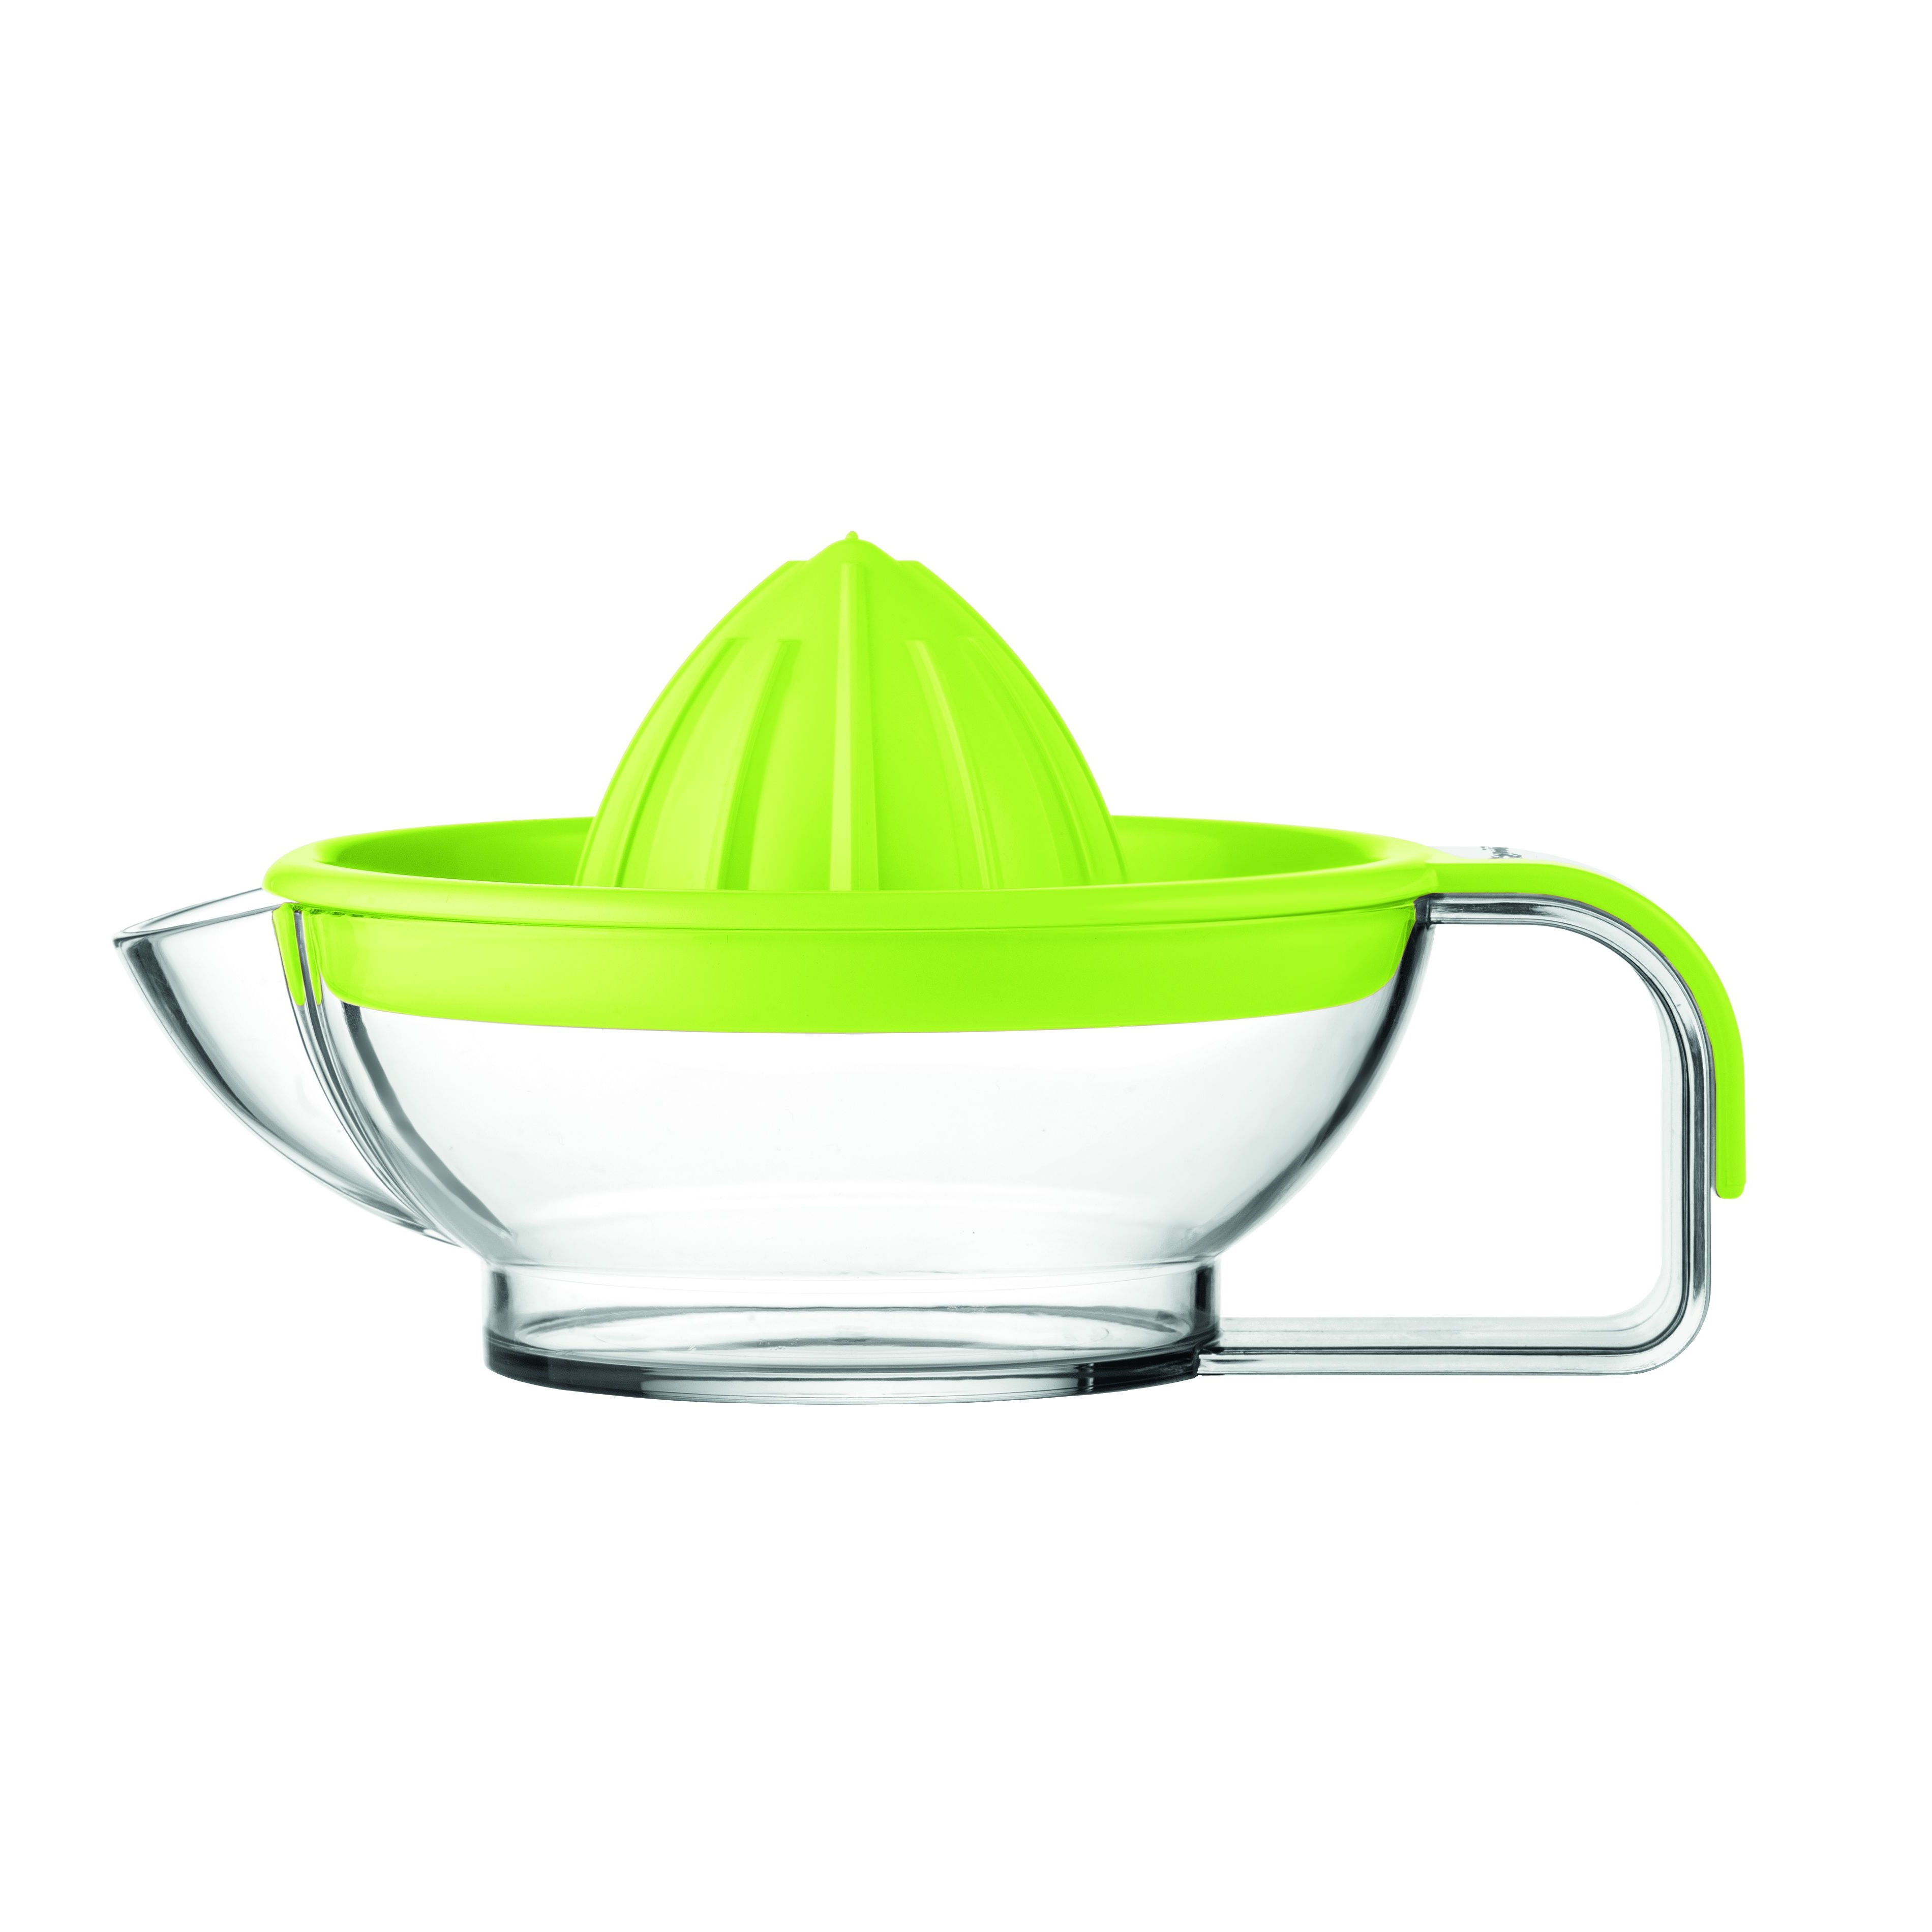 Соковыжималка для цитрусовых MY KITCHEN зеленаяСоковыжималка для цитрусовых МАЙ КИТЧЕН с зеленой крышкой проста и удобна в эксплуатации. Модель предназначена для ежедневного приготовления свежего и ароматного сока из апельсинов или грейпфрутов, а также подойдет для создания лимонного или лаймового сока, который идеален для десертов и многих других блюд. Для приготовления достаточно просто прижать половинку фрукта к выступающей части крышки и провернуть в обе стороны до получения сока. Напиток будет отфильтрован при помощи решетки в крышке, и вы получите чистый цитрусовый сок, полный витаминов, без мякоти и косточек.<br>